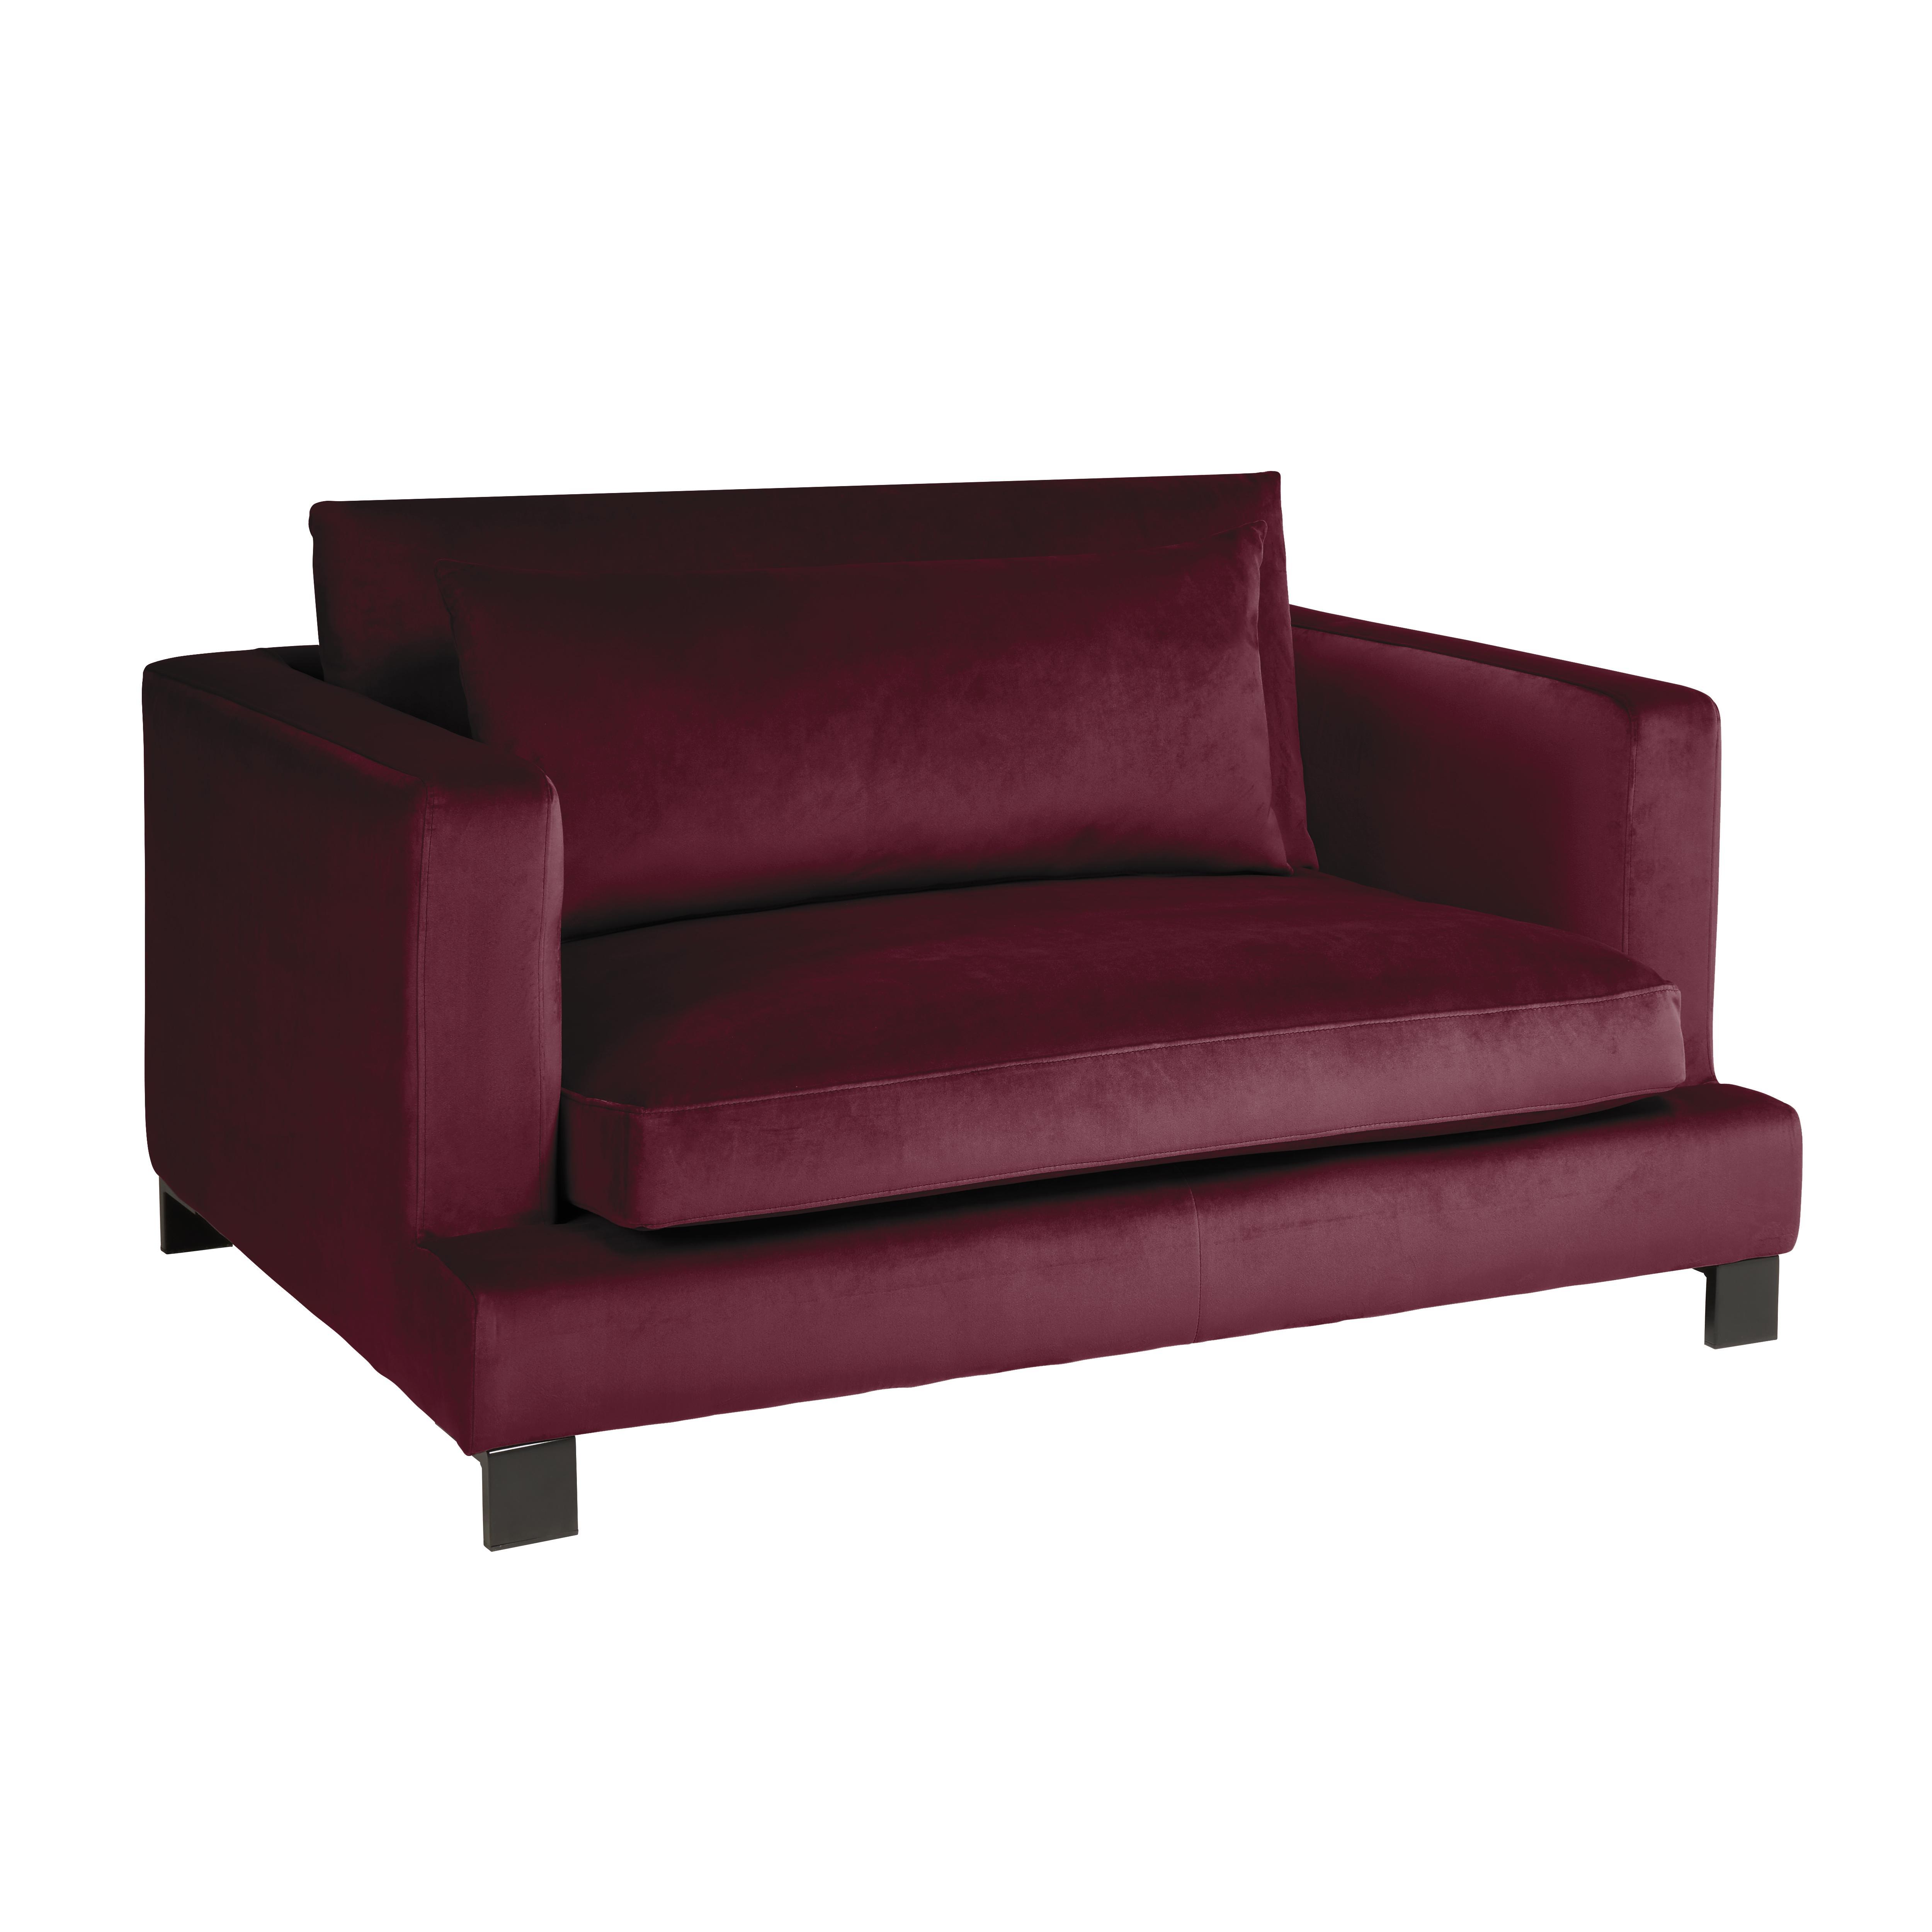 Lugano II cuddler sofa alba velvet burgundy